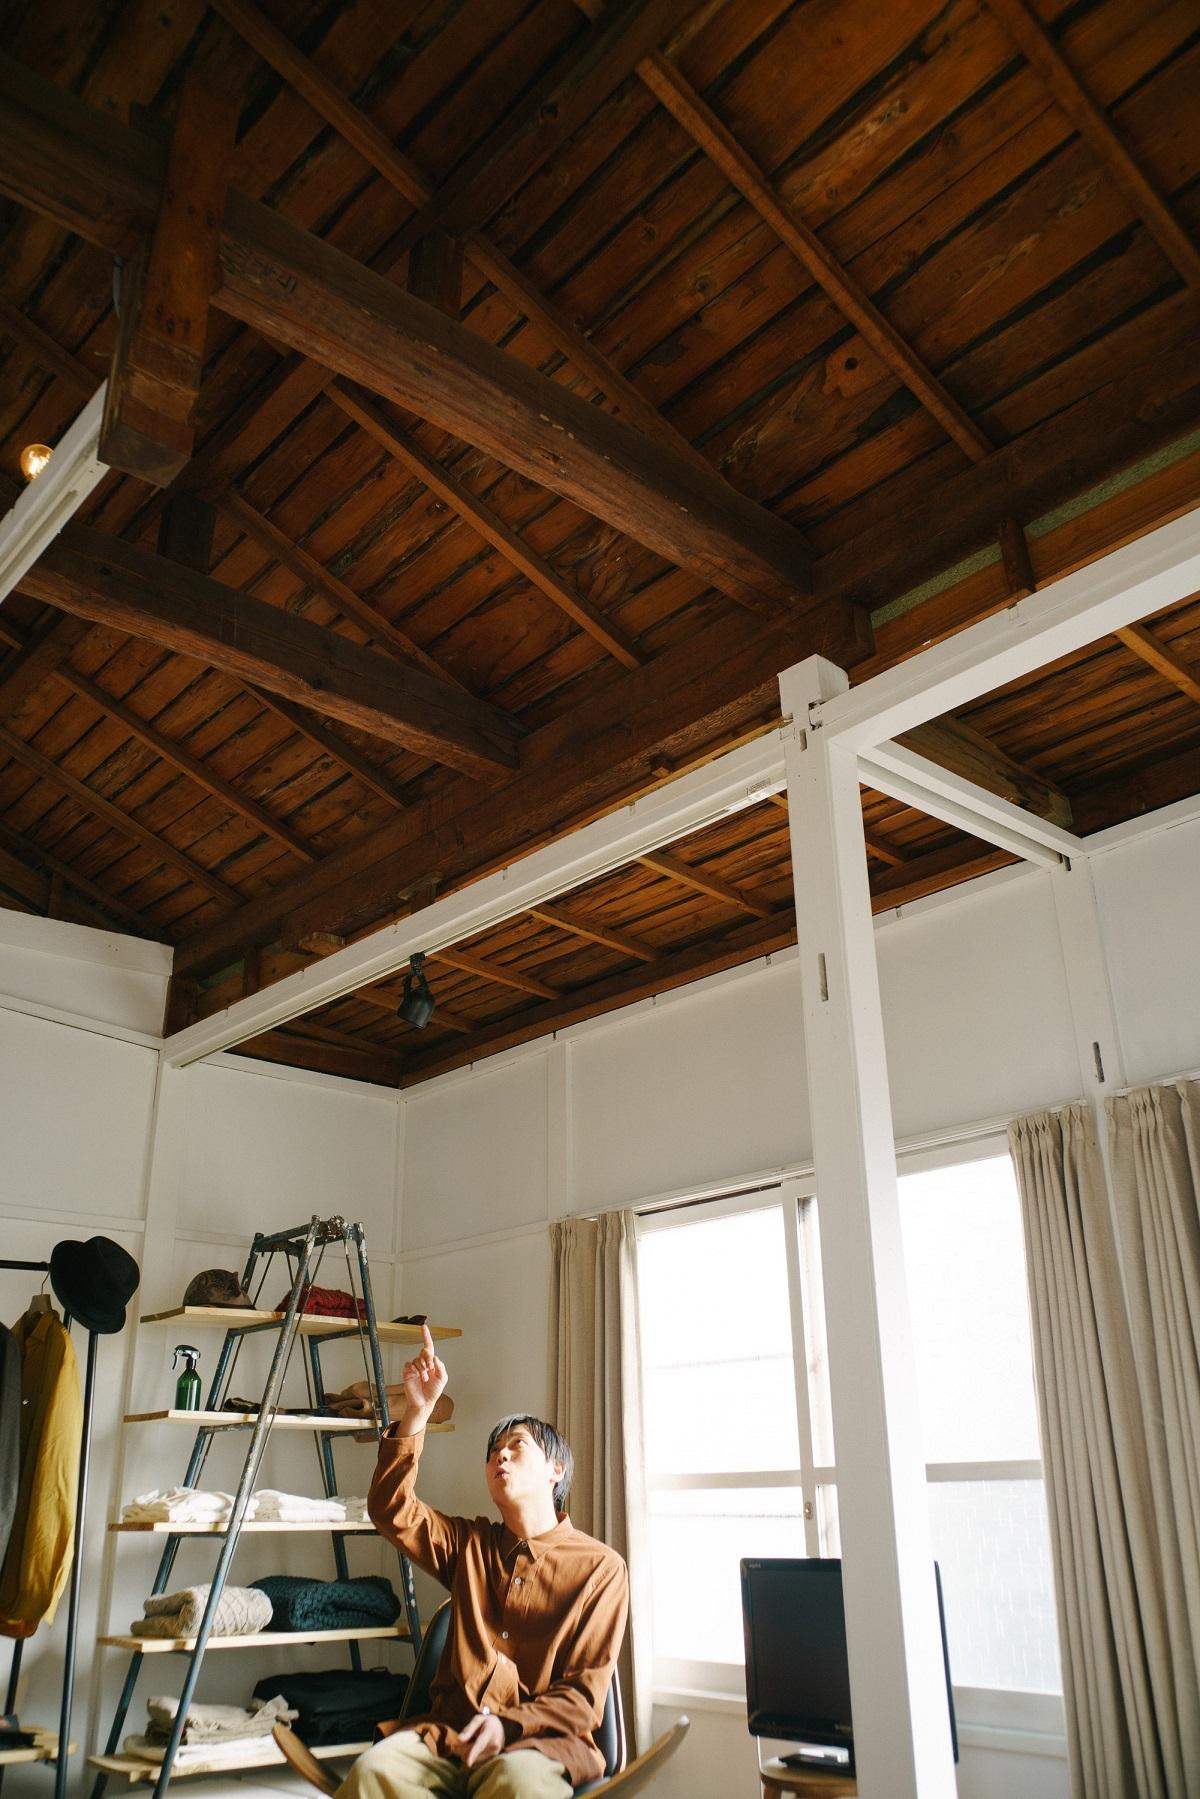 天井を眺めながら過ごすリビング